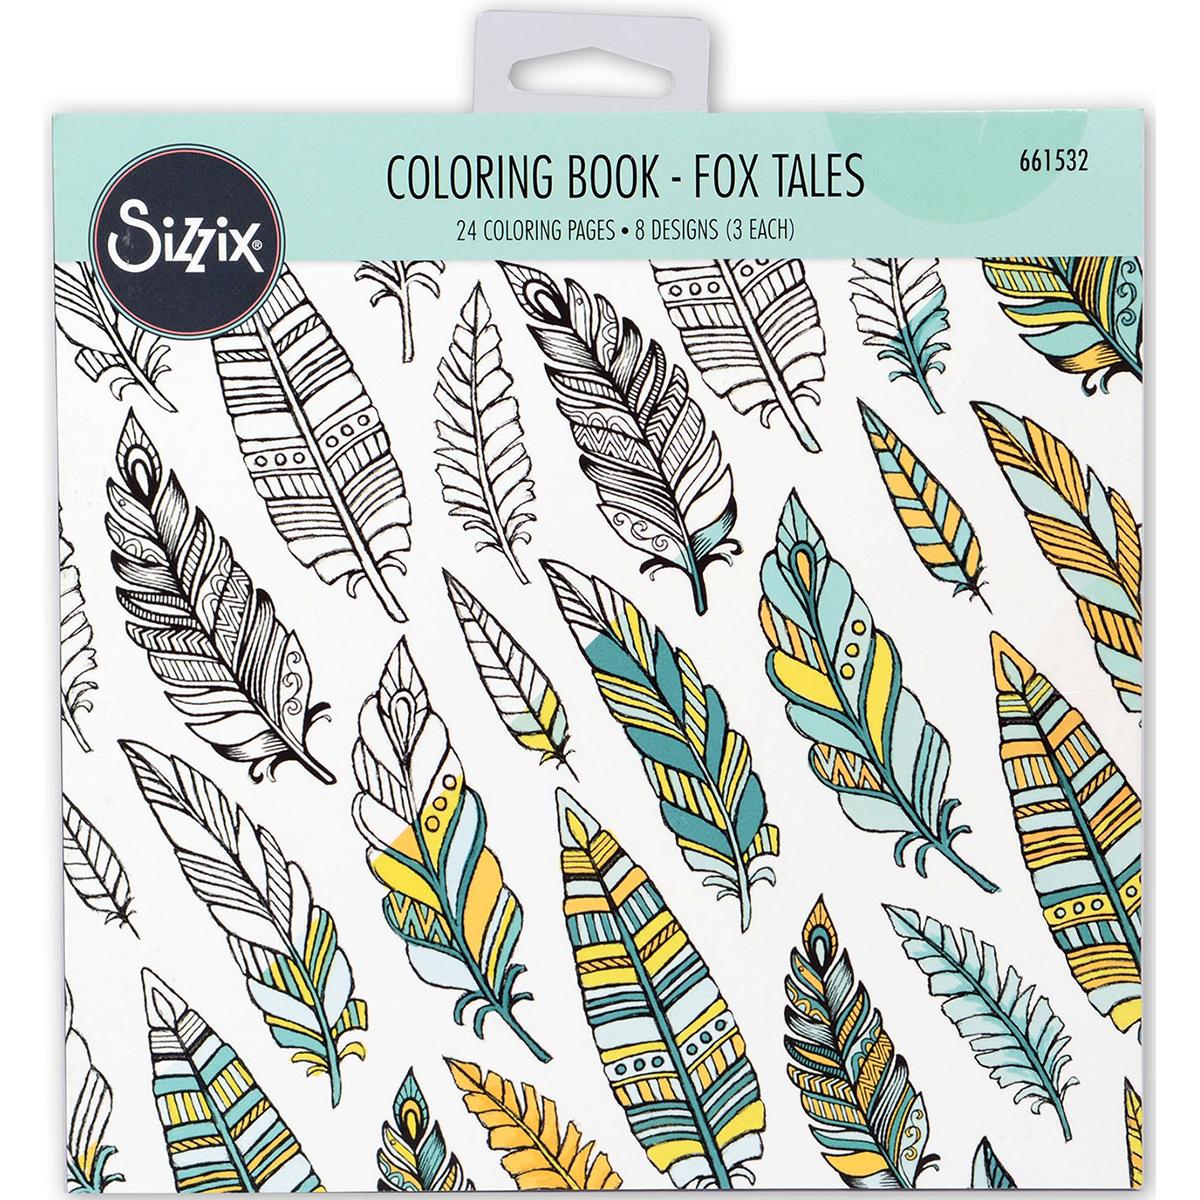 Sizzix Coloring Book-Fox Tales By Jen Long